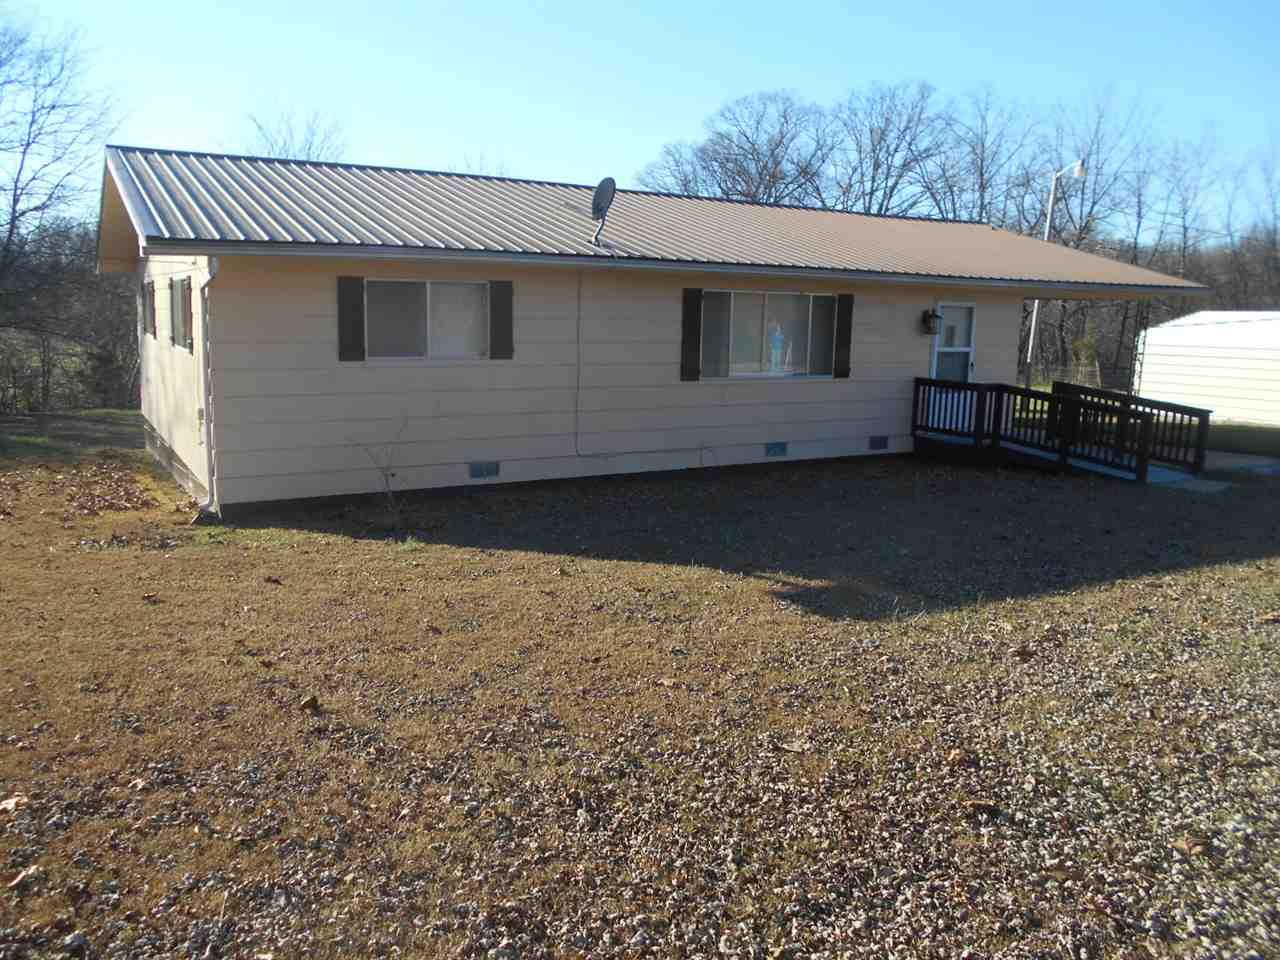 Photo of Rt 9 Box 506  Gatewood  MO